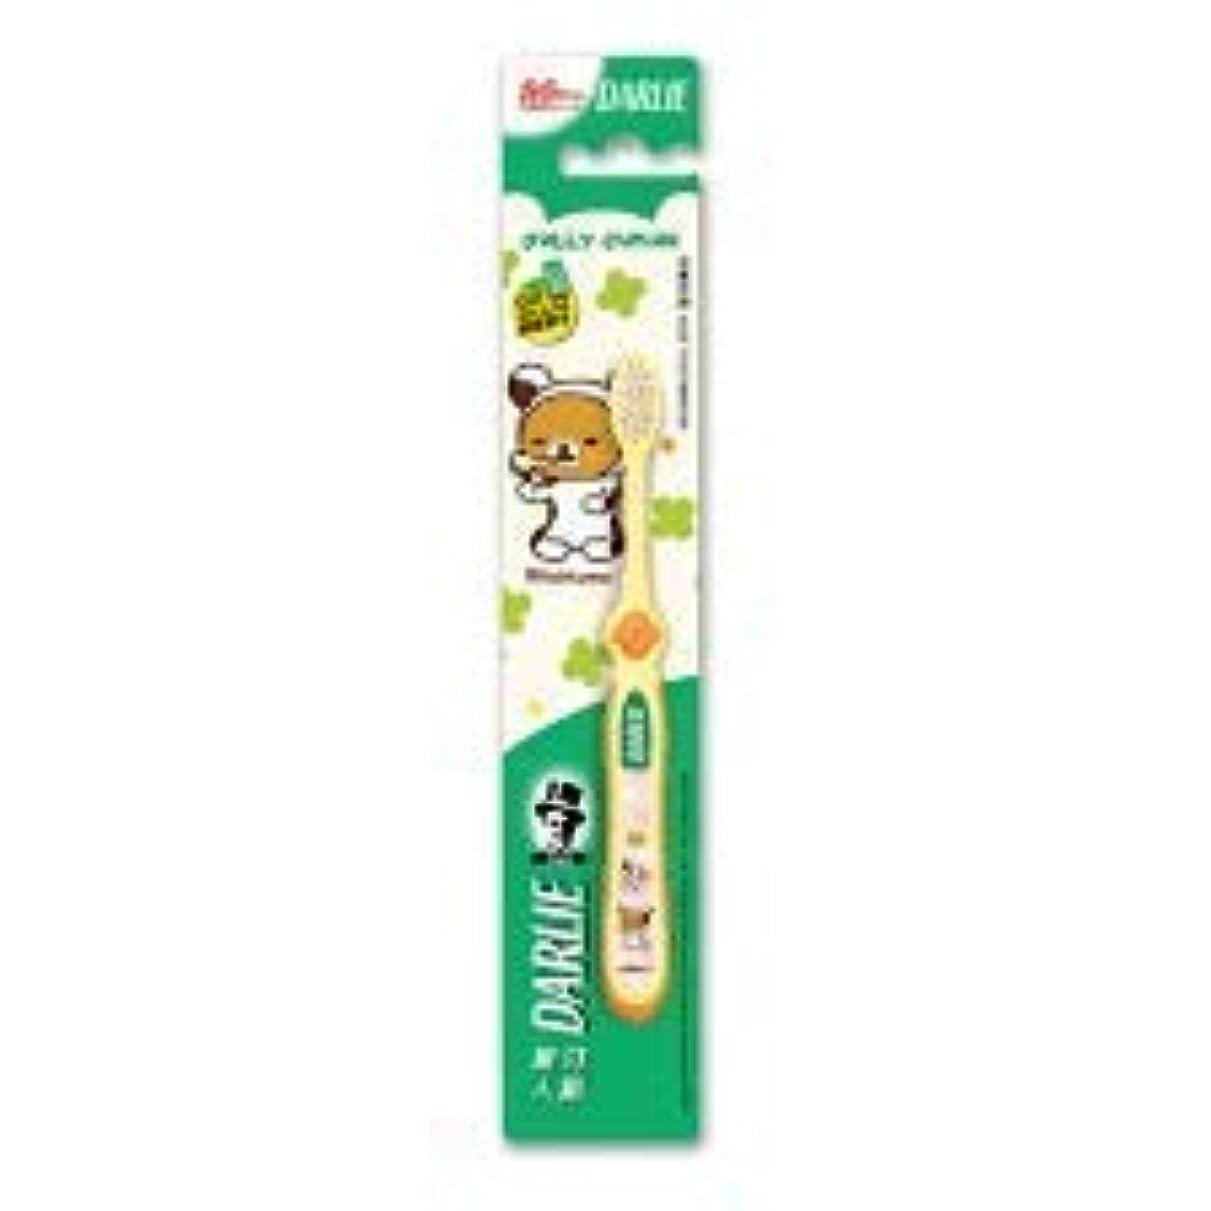 リップメディカル冒険DARLIE メリージュニア2-6歳歯ブラシ - ジェントル歯茎と歯のエナメル質は良好な洗浄を持っています